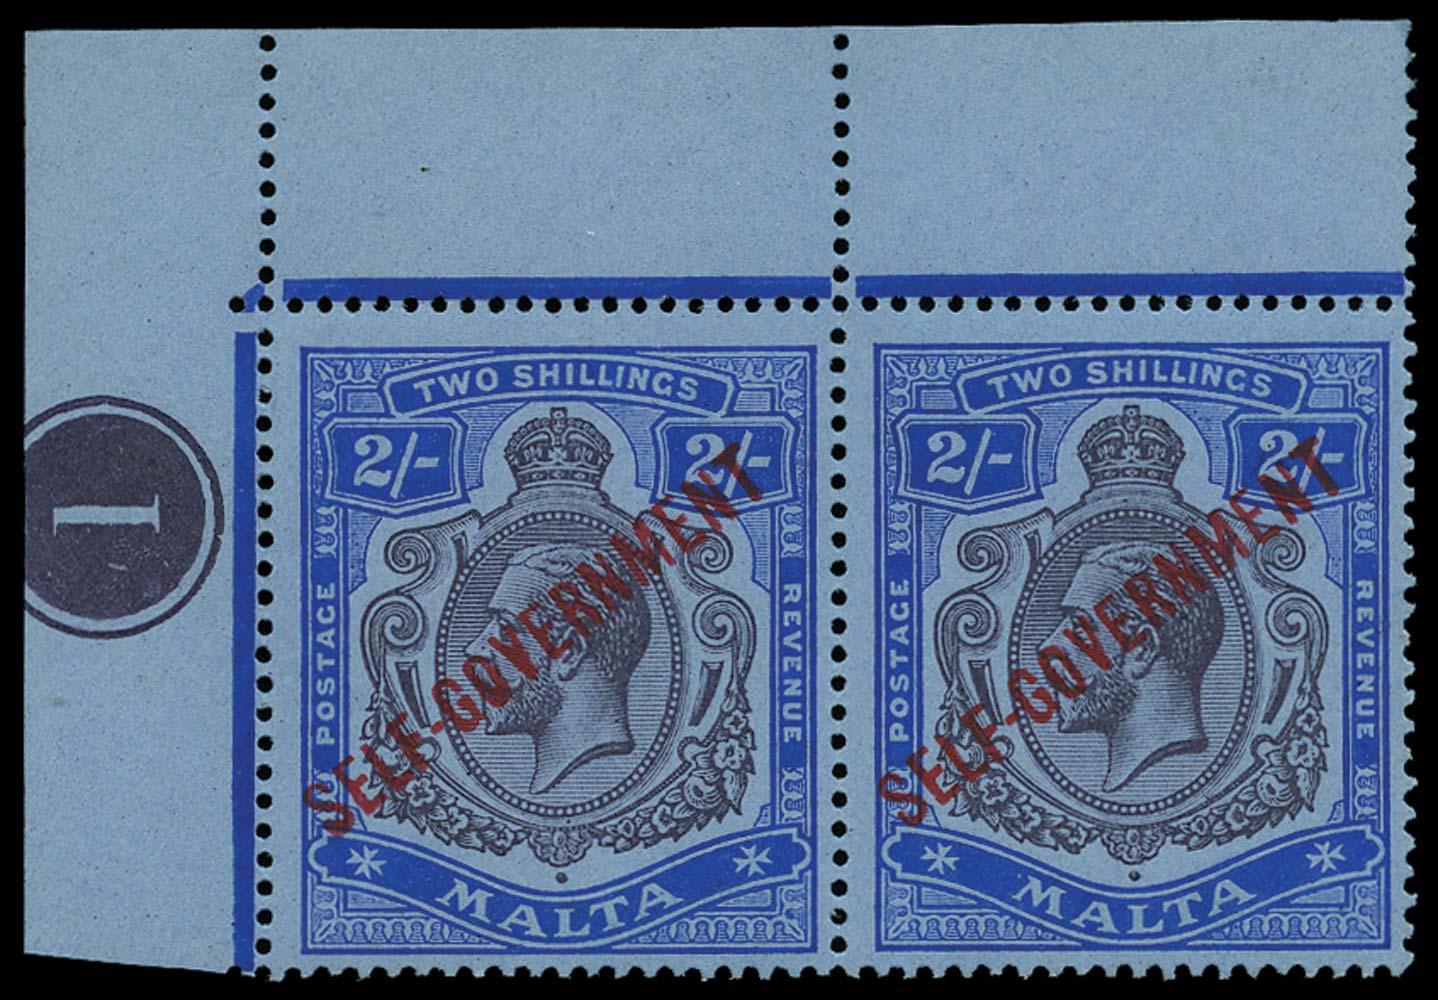 MALTA 1922  SG111 Mint